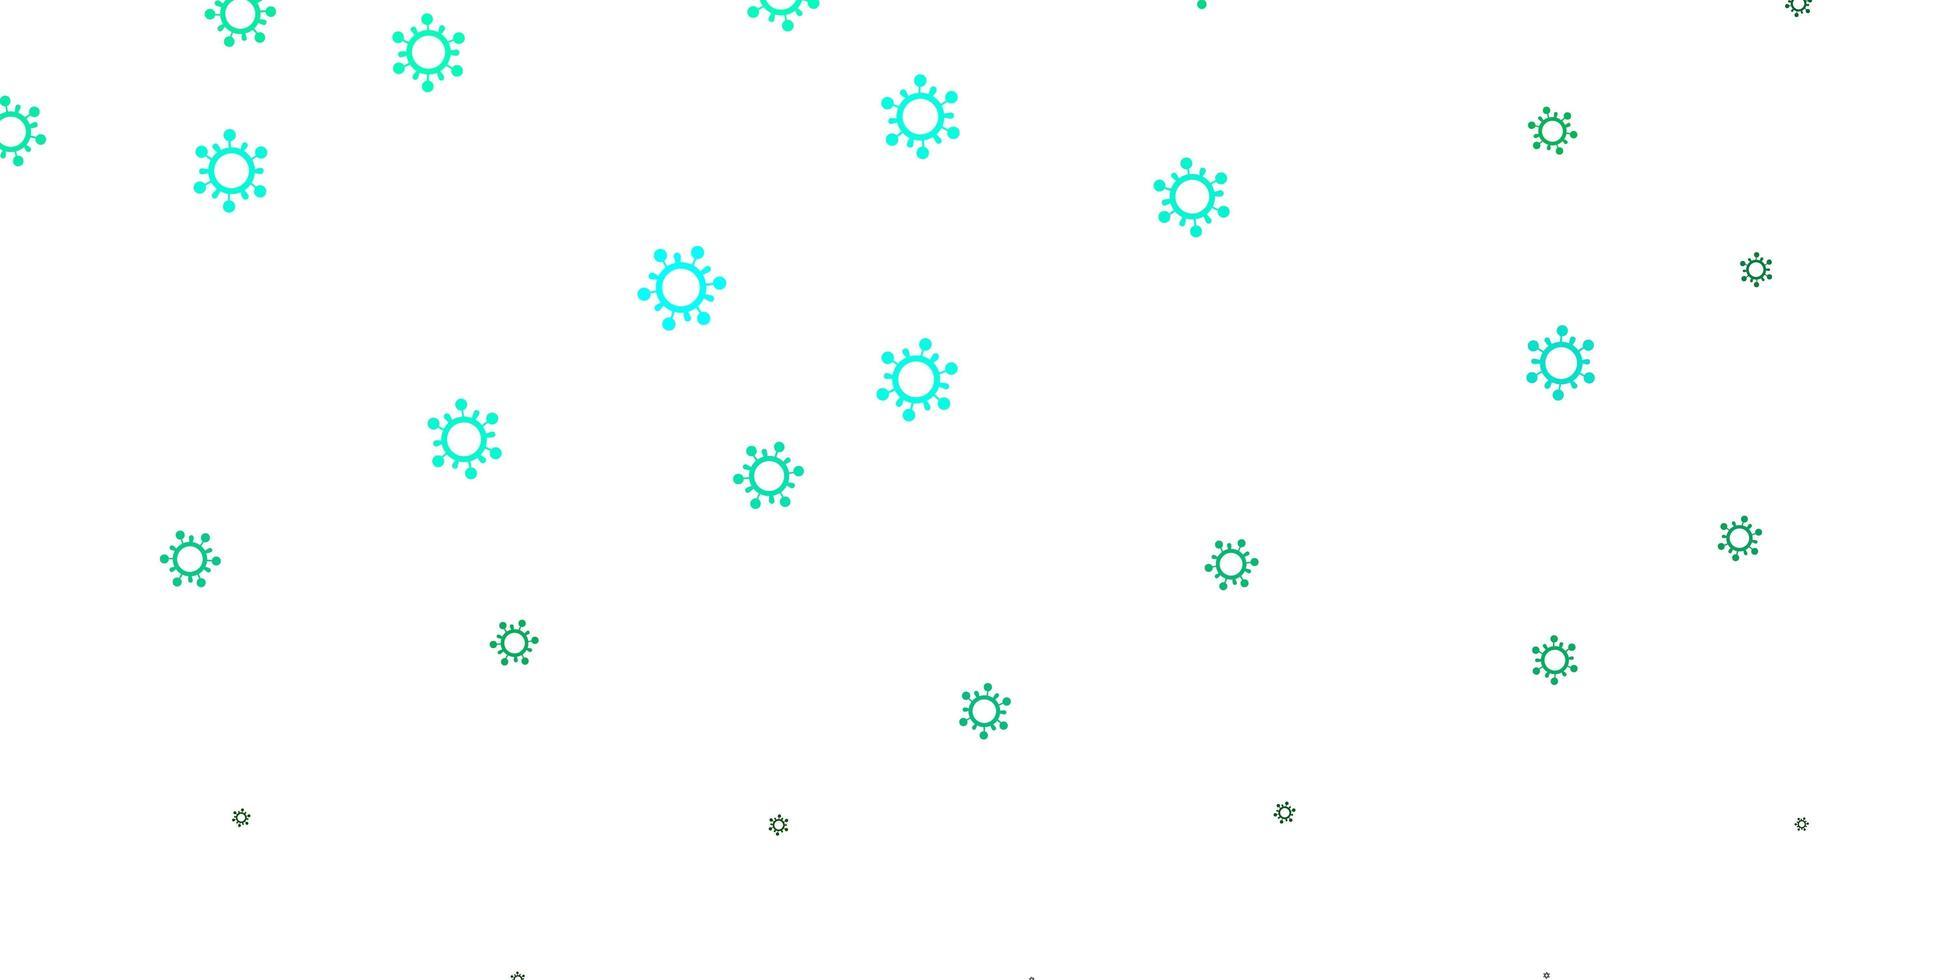 ljusgrönt vektormönster med coronaviruselement. vektor